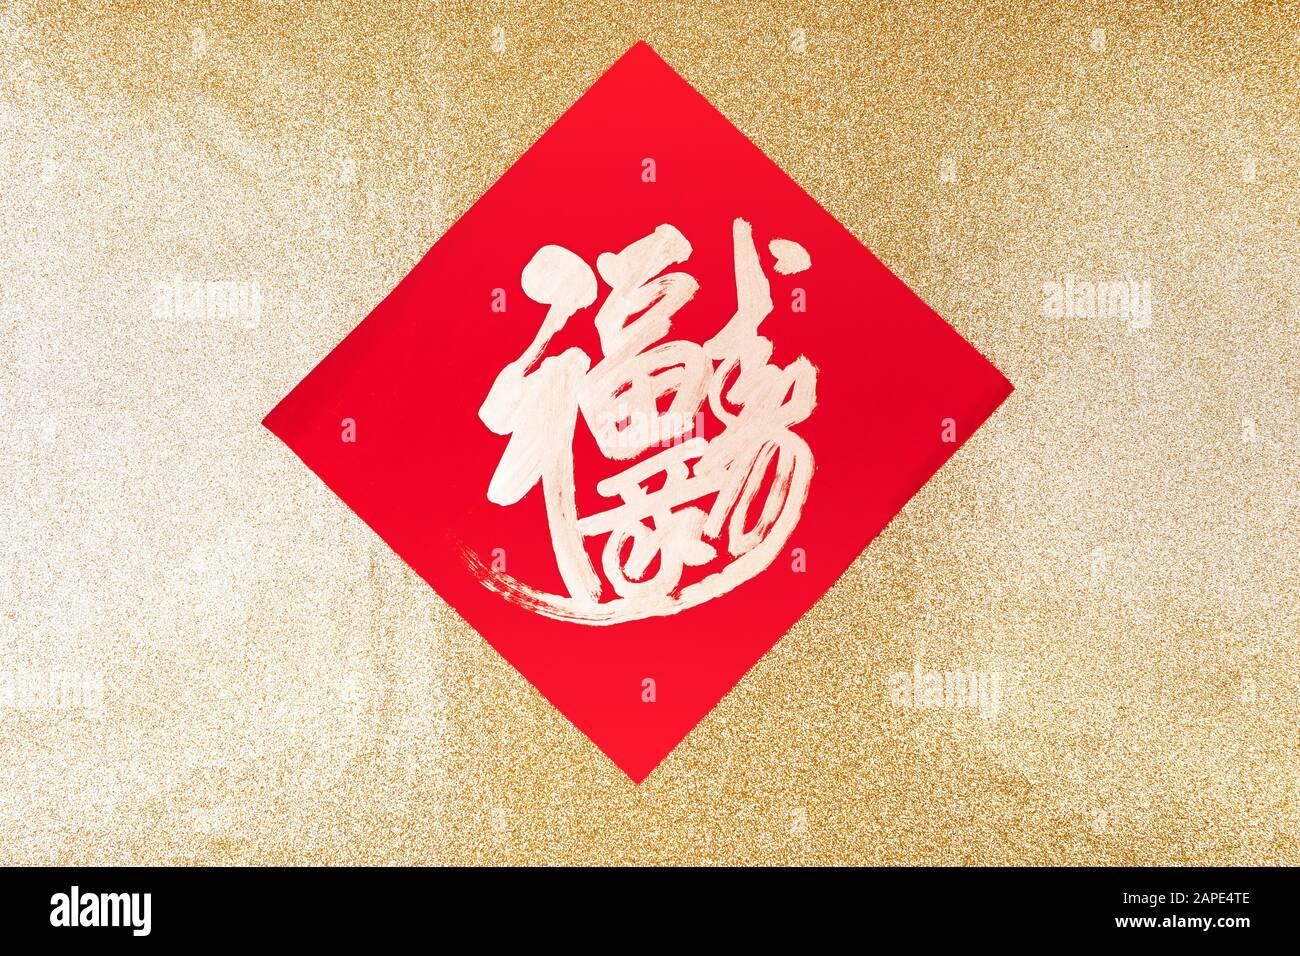 Chinois lunaire nouvel an traditionnel Bénédiction pour la chance et le bonheur sur le fond d'or. Concept de célébration Banque D'Images